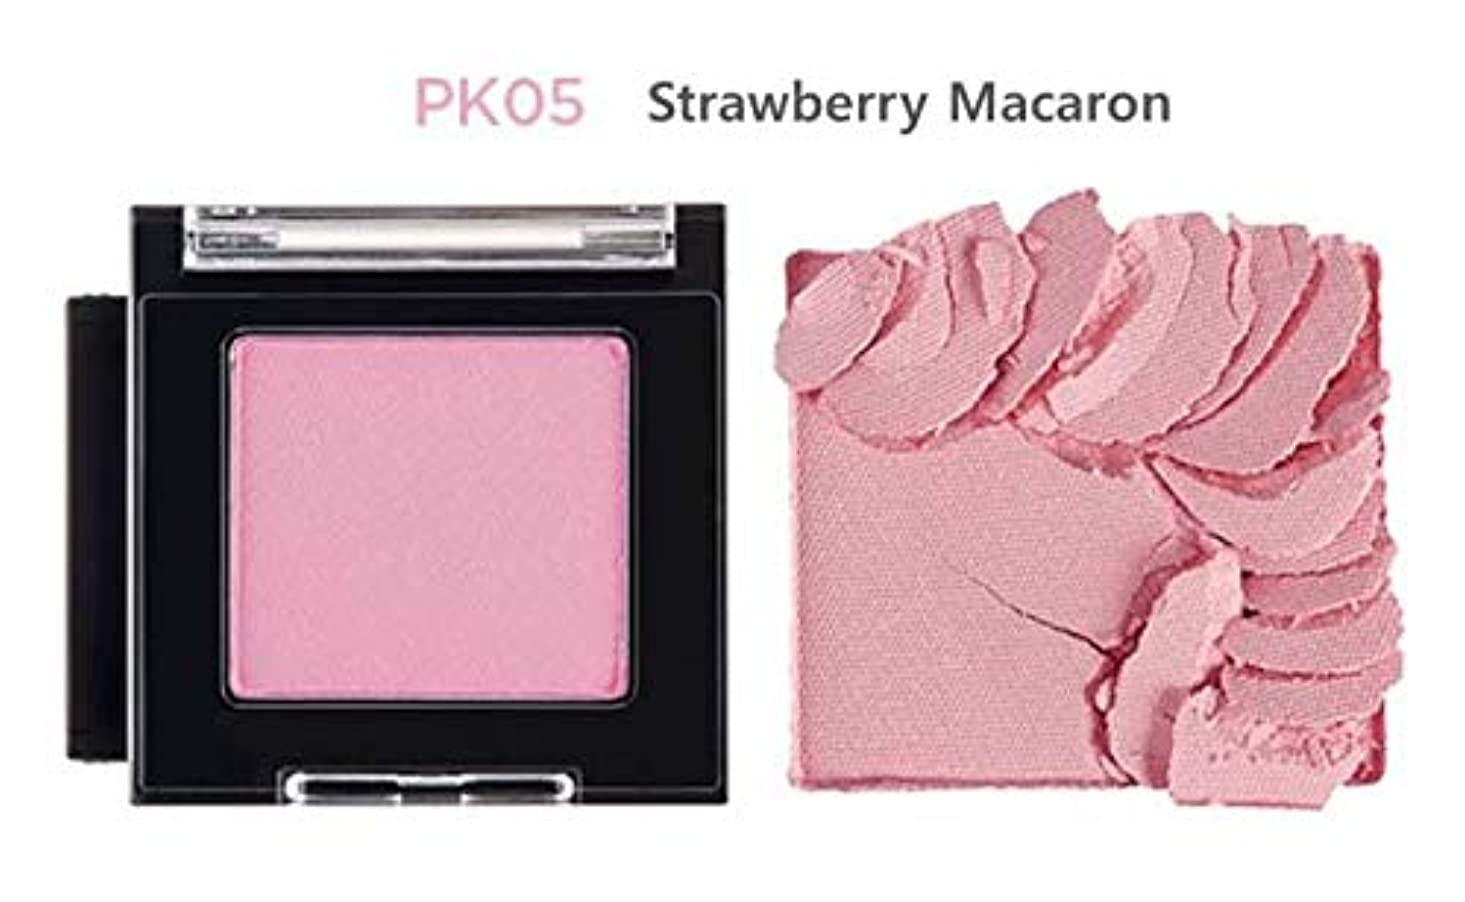 カウントアップ特異な地雷原[ザ?フェイスショップ] THE FACE SHOP [モノ キューブ アイシャドウ (マット) 20カラー] (Mono Cube Eyeshadow (Matte) 2.1g - 20 shades) (#PK05...